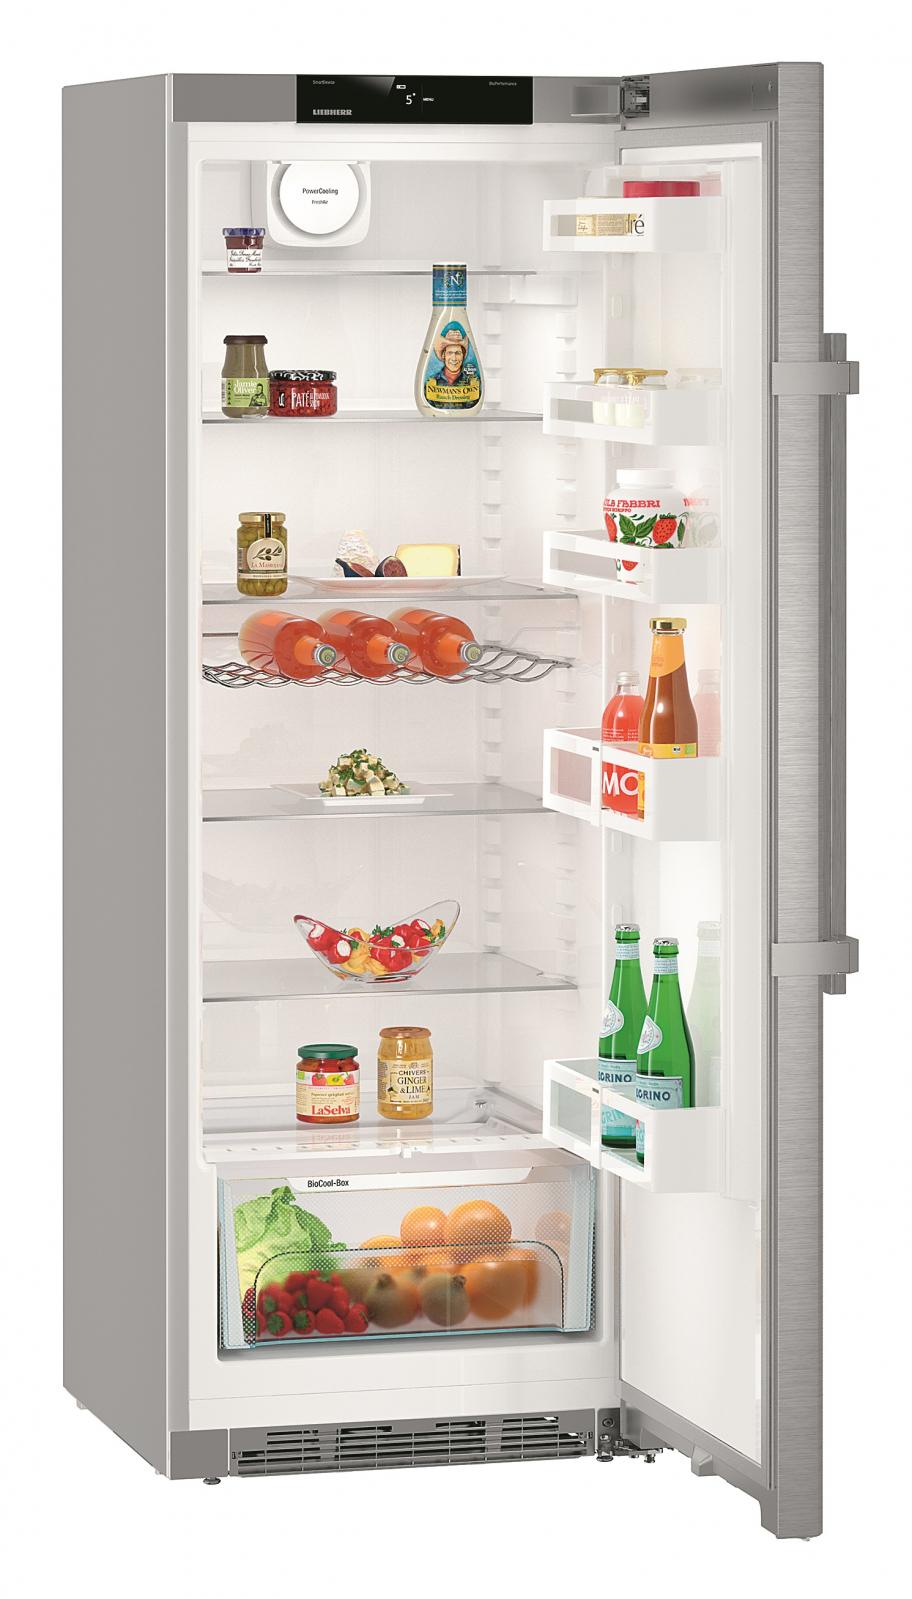 купить Однокамерный холодильник Liebherr Kef 3710 Украина фото 0